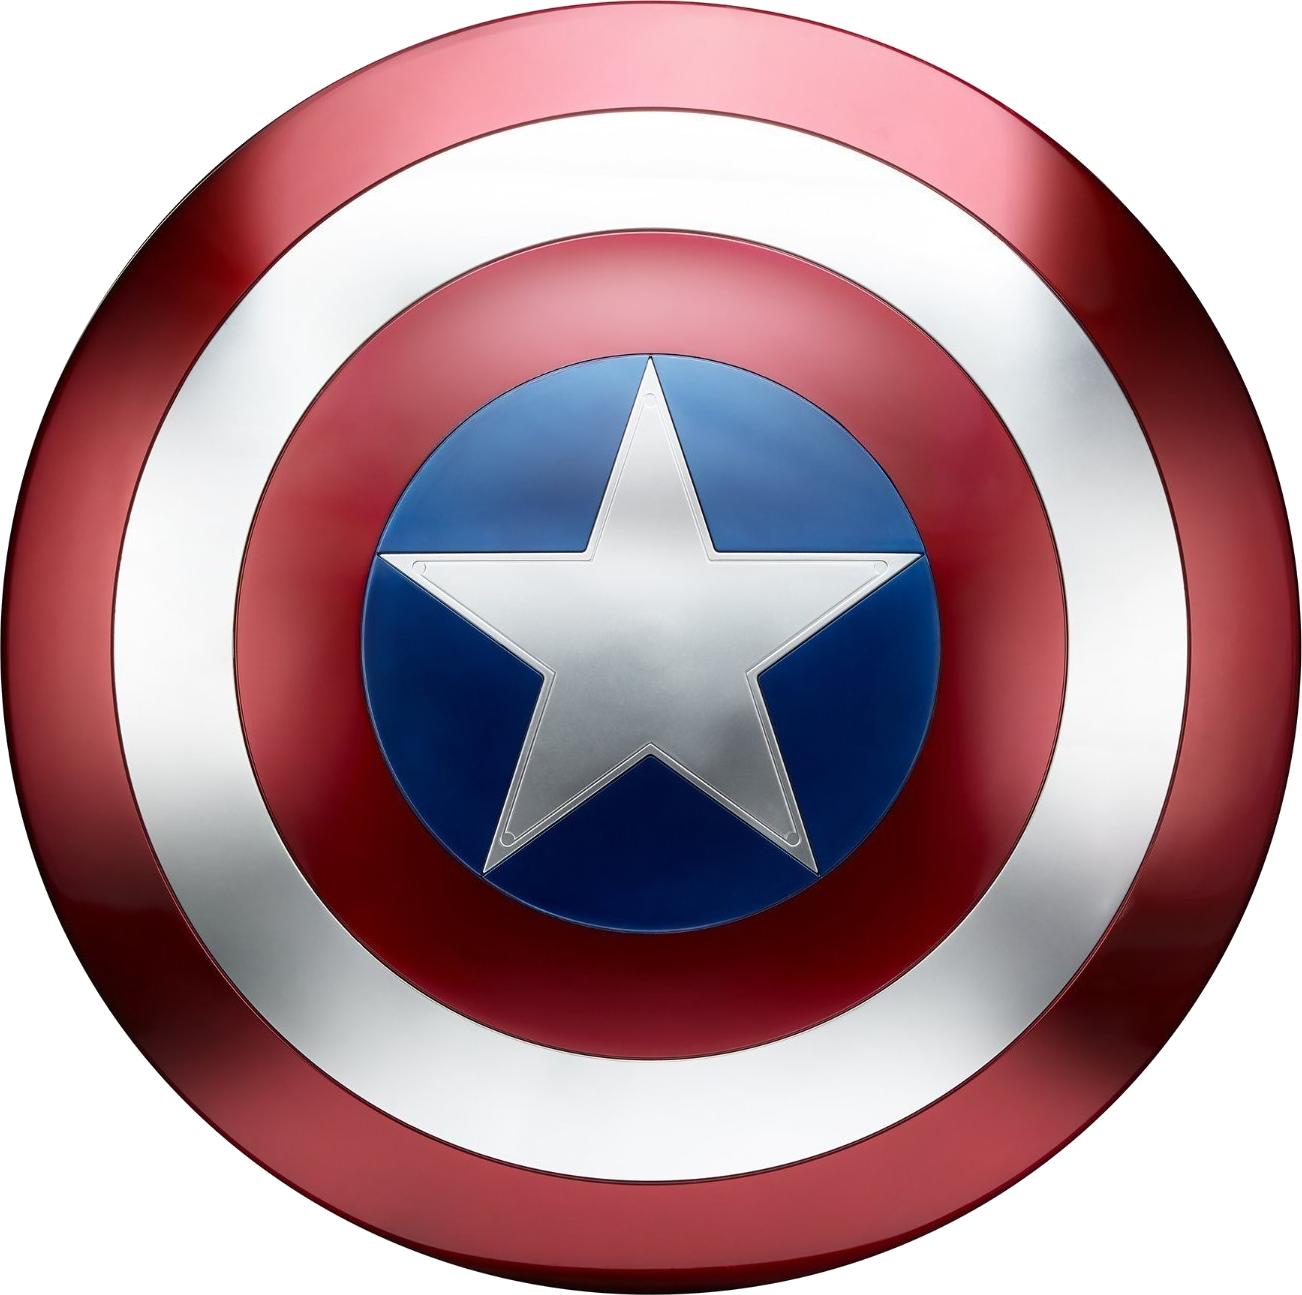 kapten amerika png gambar sing gratis crazy png png images free download crazy png png images free download crazy png